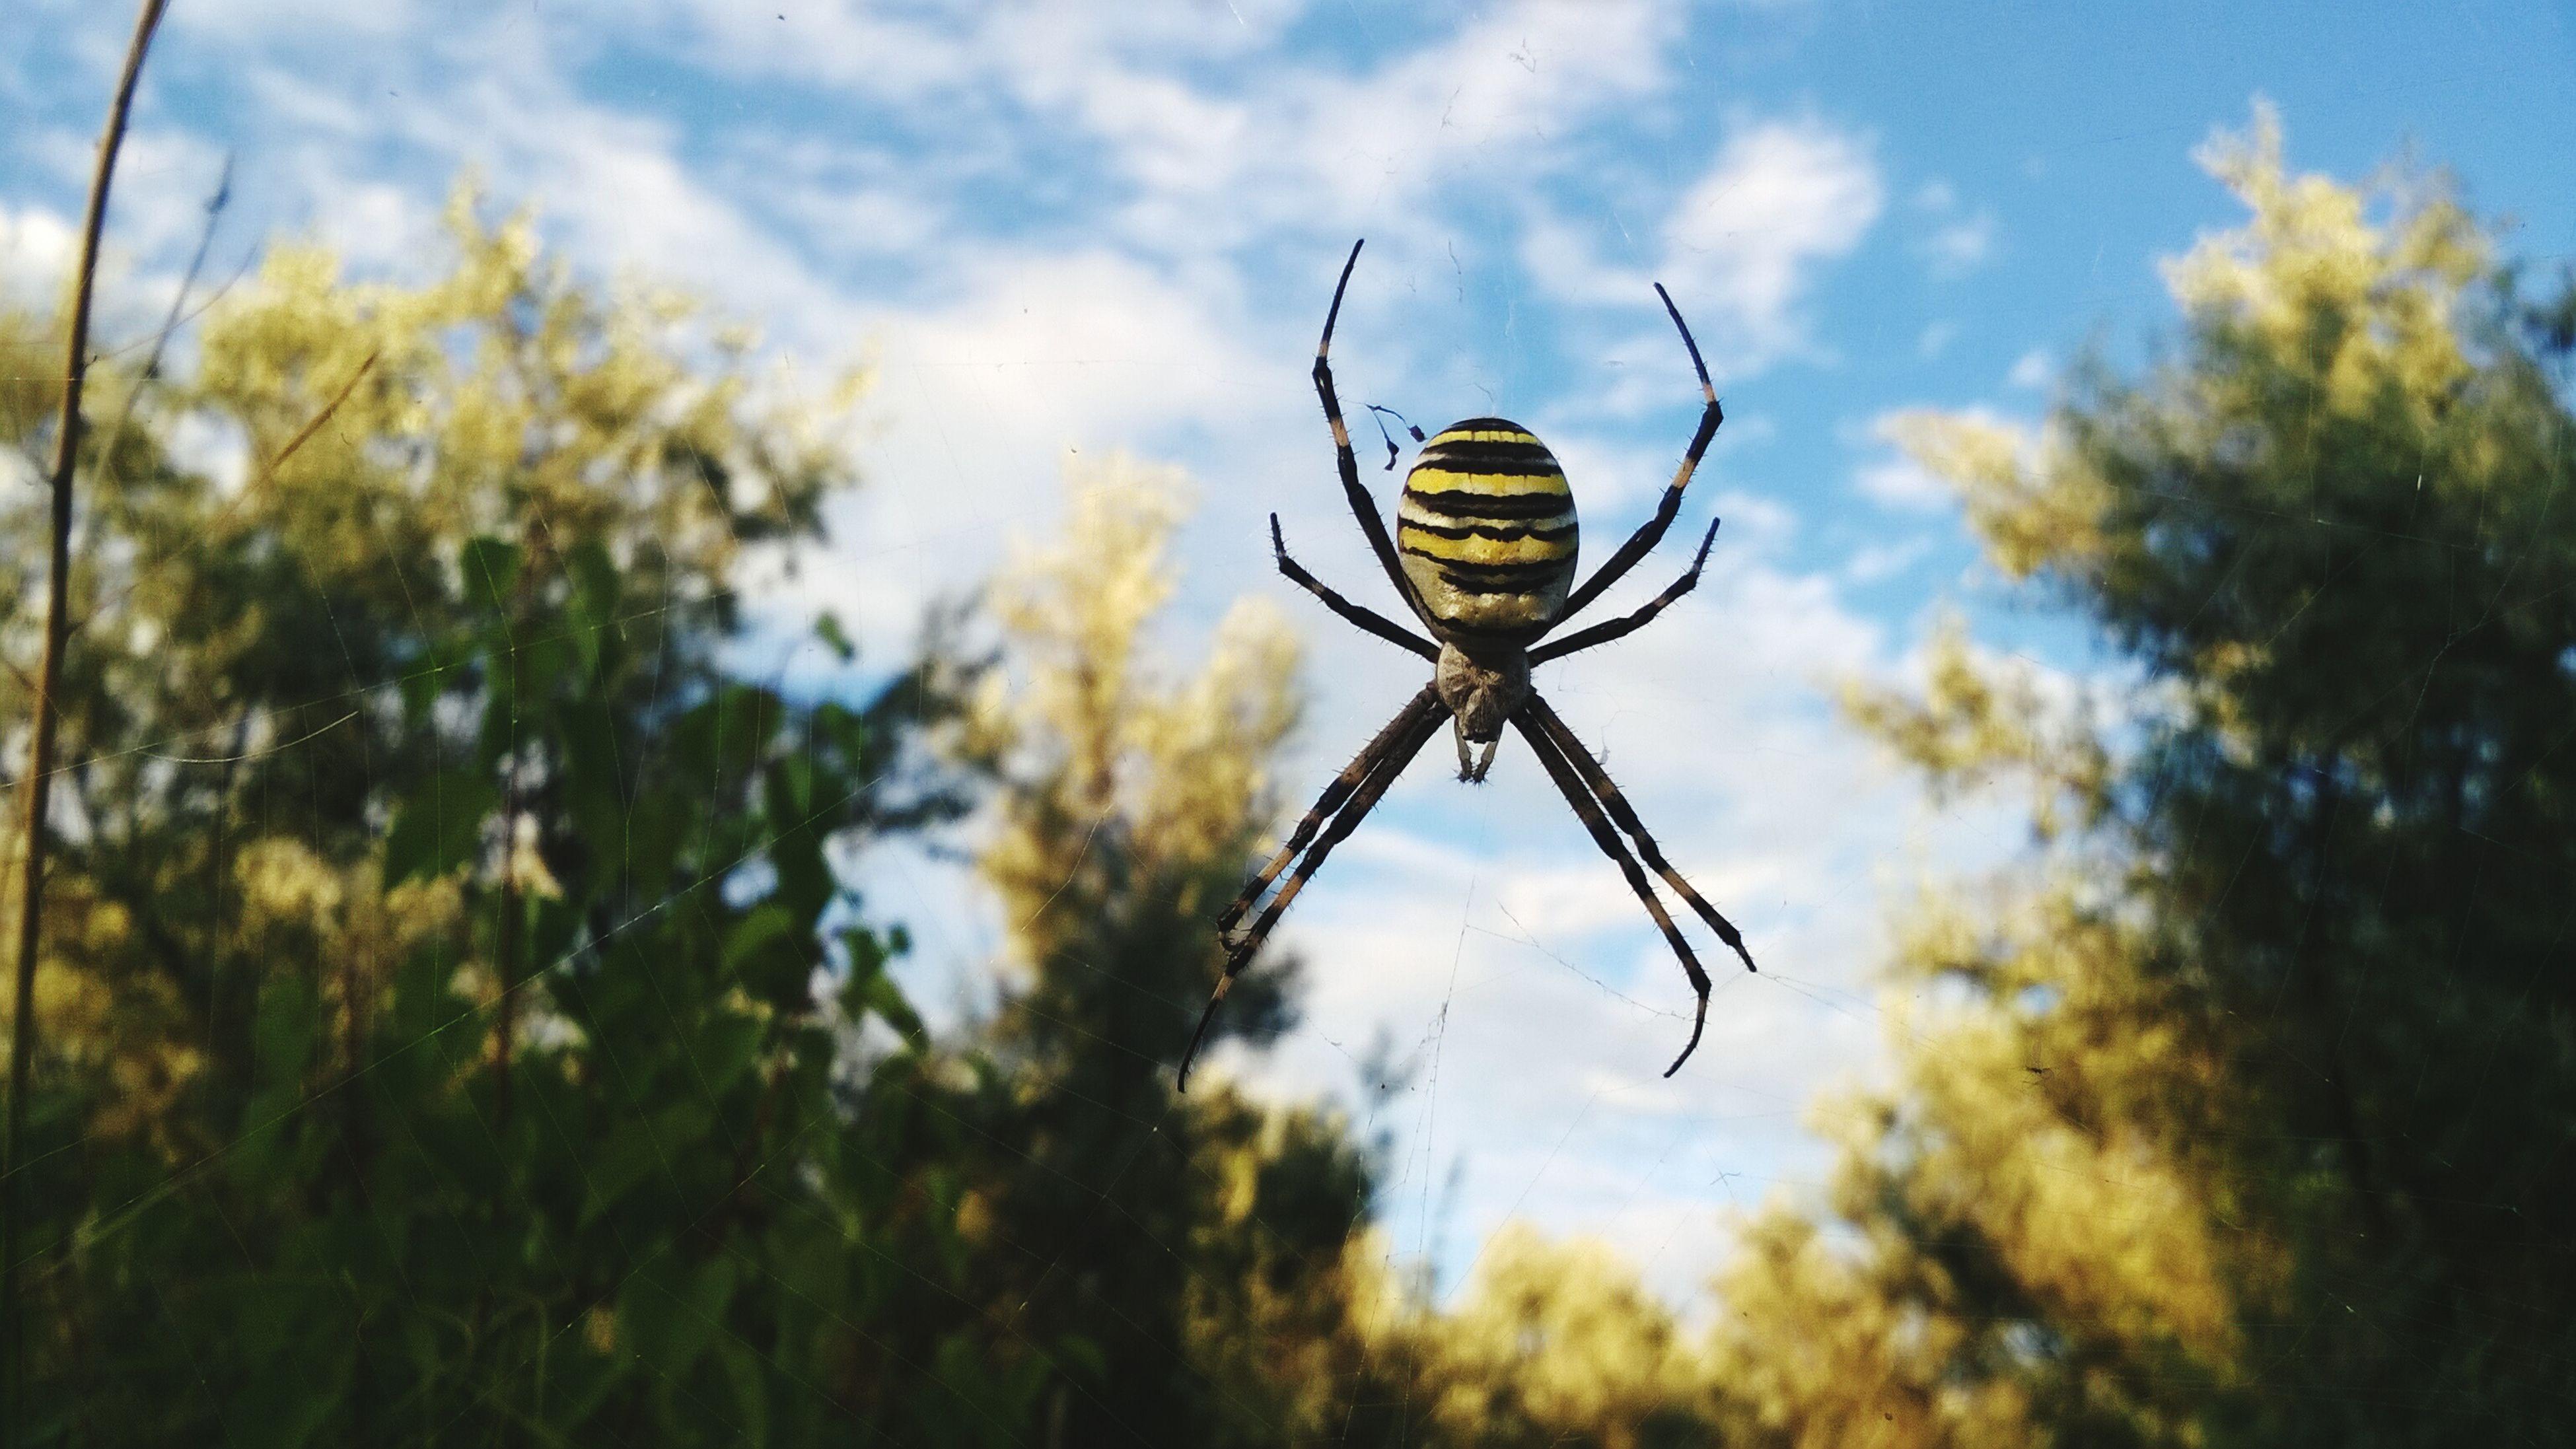 Spider Hexapod Beautiful Nature